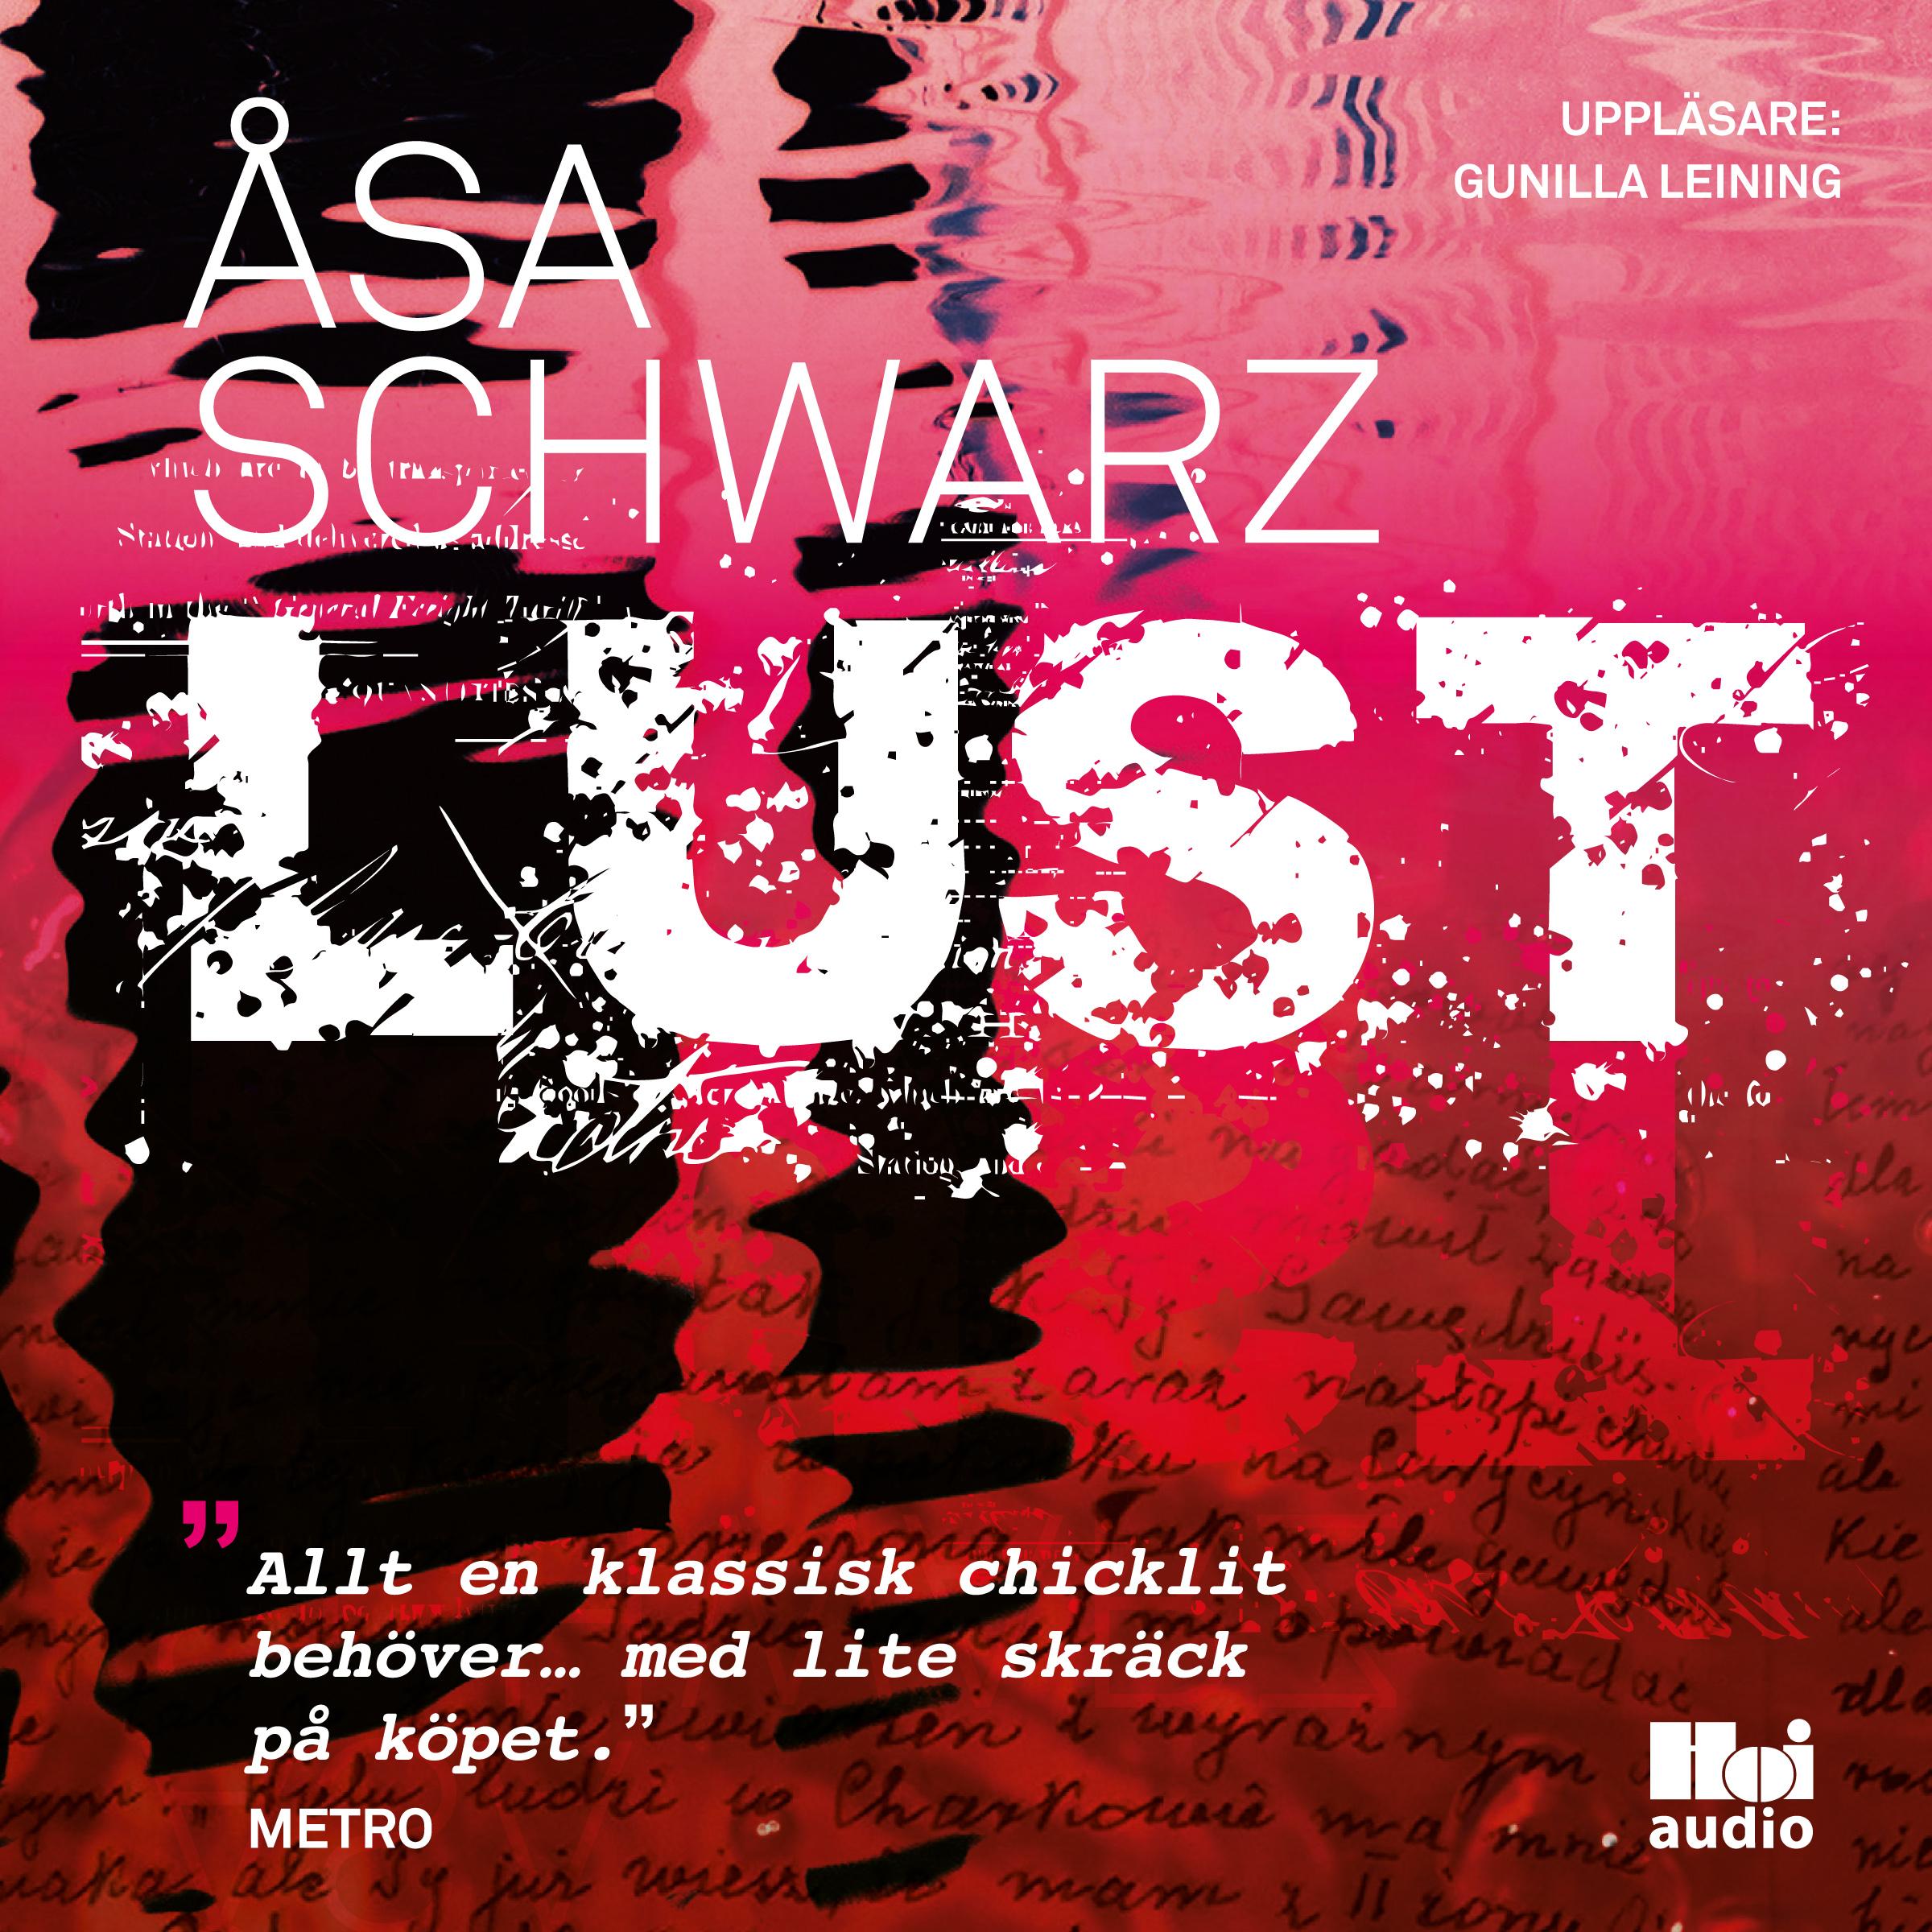 Lust audio